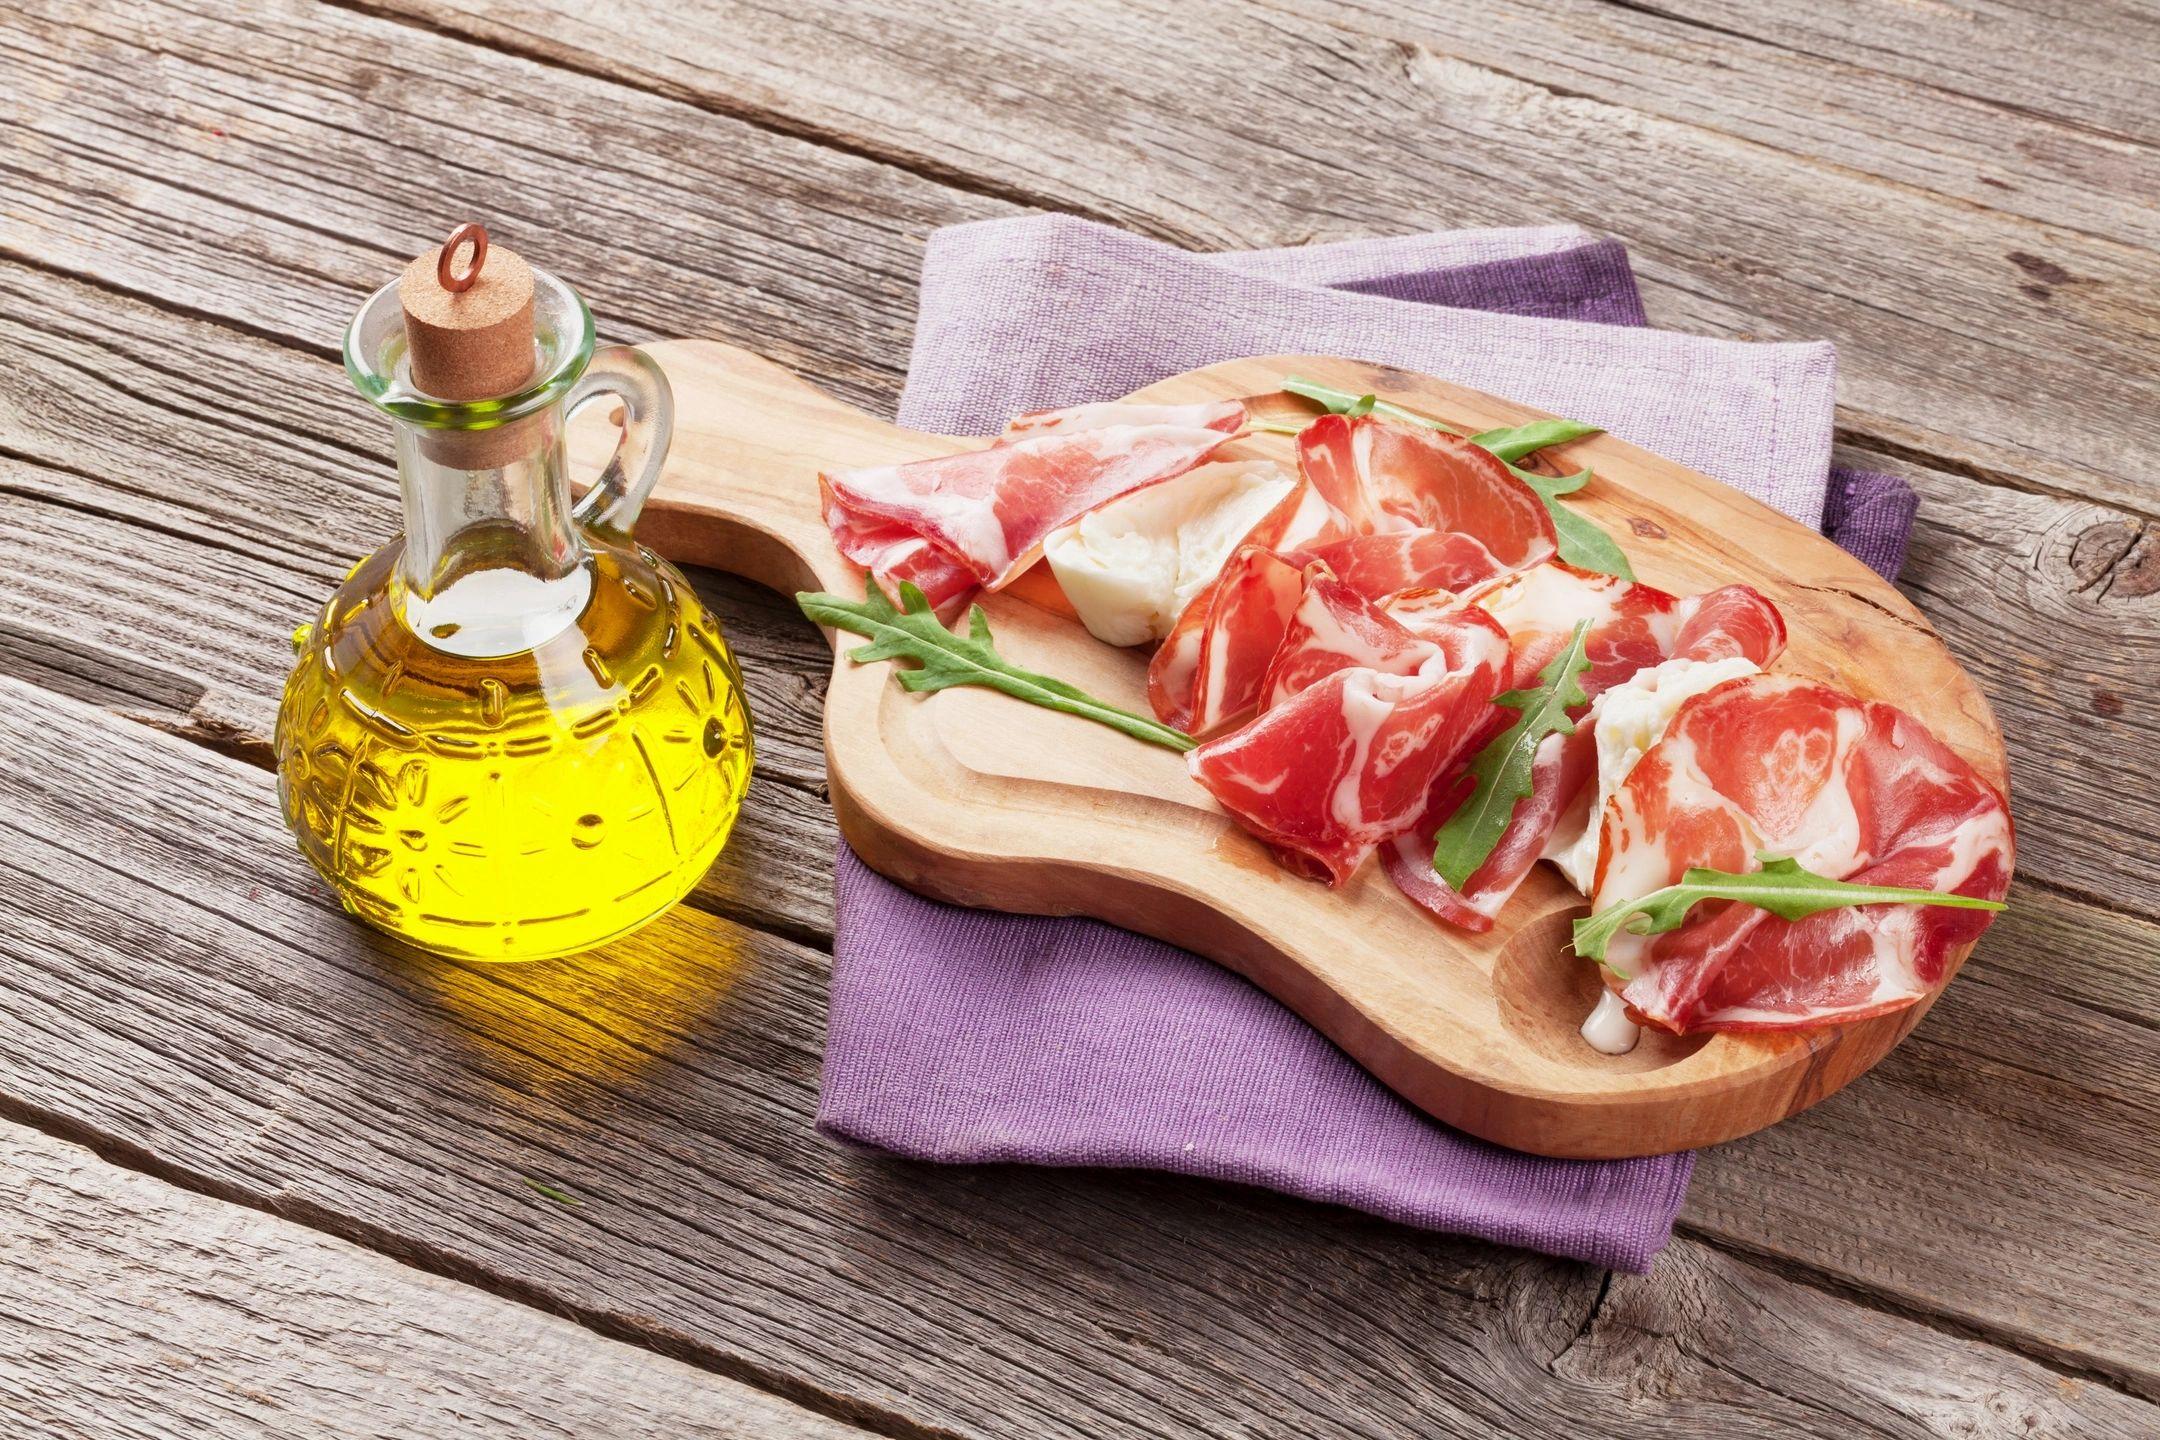 Italian Restaurant Near Me: Nonno's Ristorante Italiano